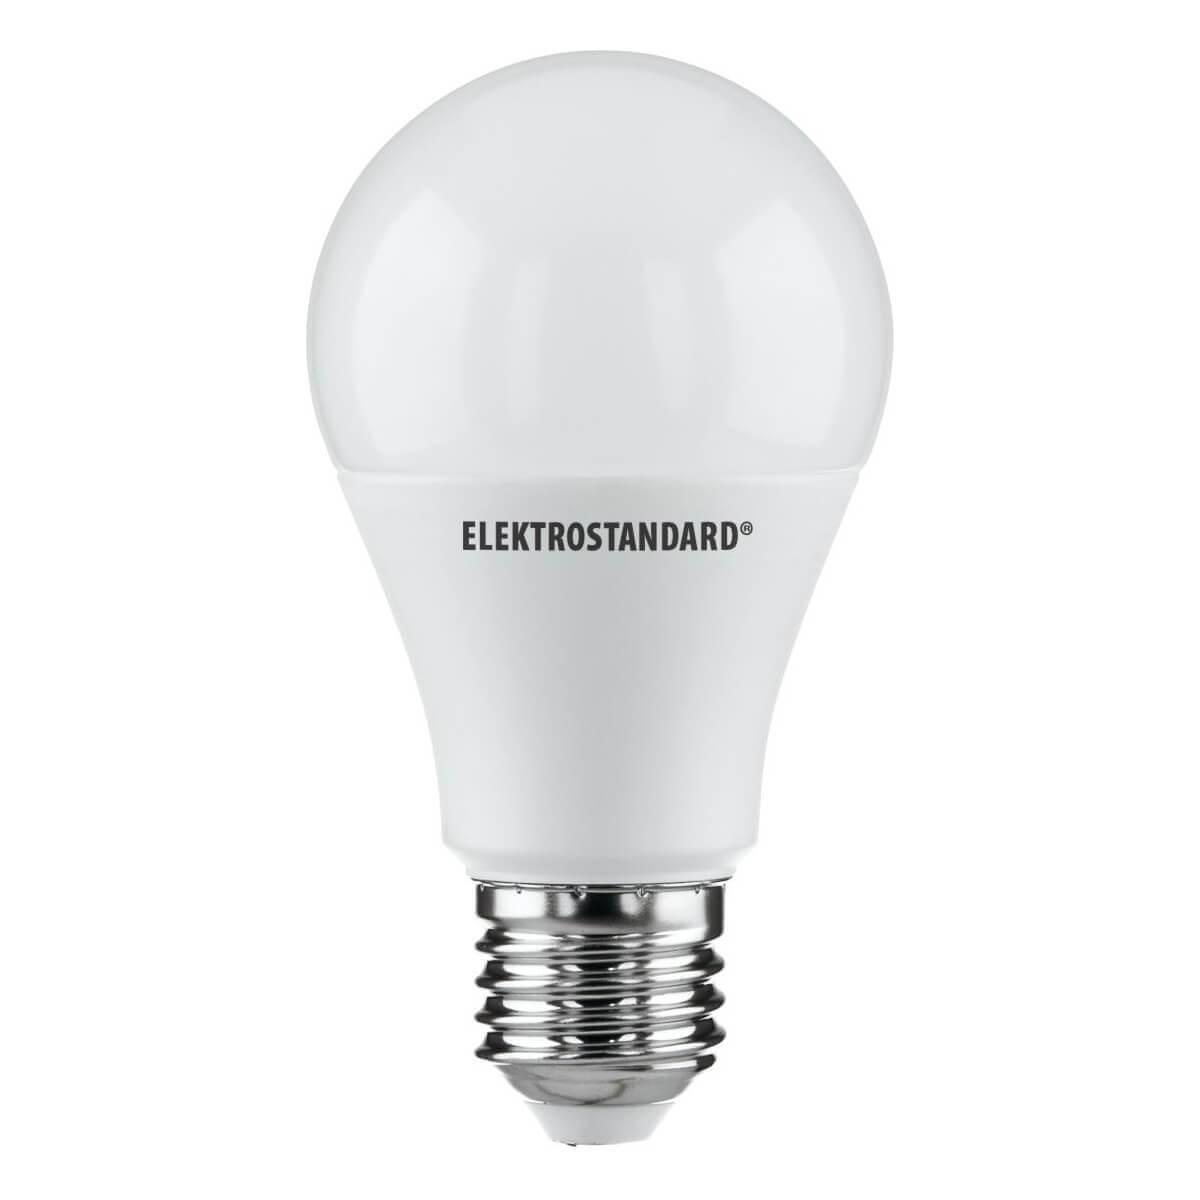 Лампа светодиодная Elektrostandard E27 15W 3300K матовая 4690389085819